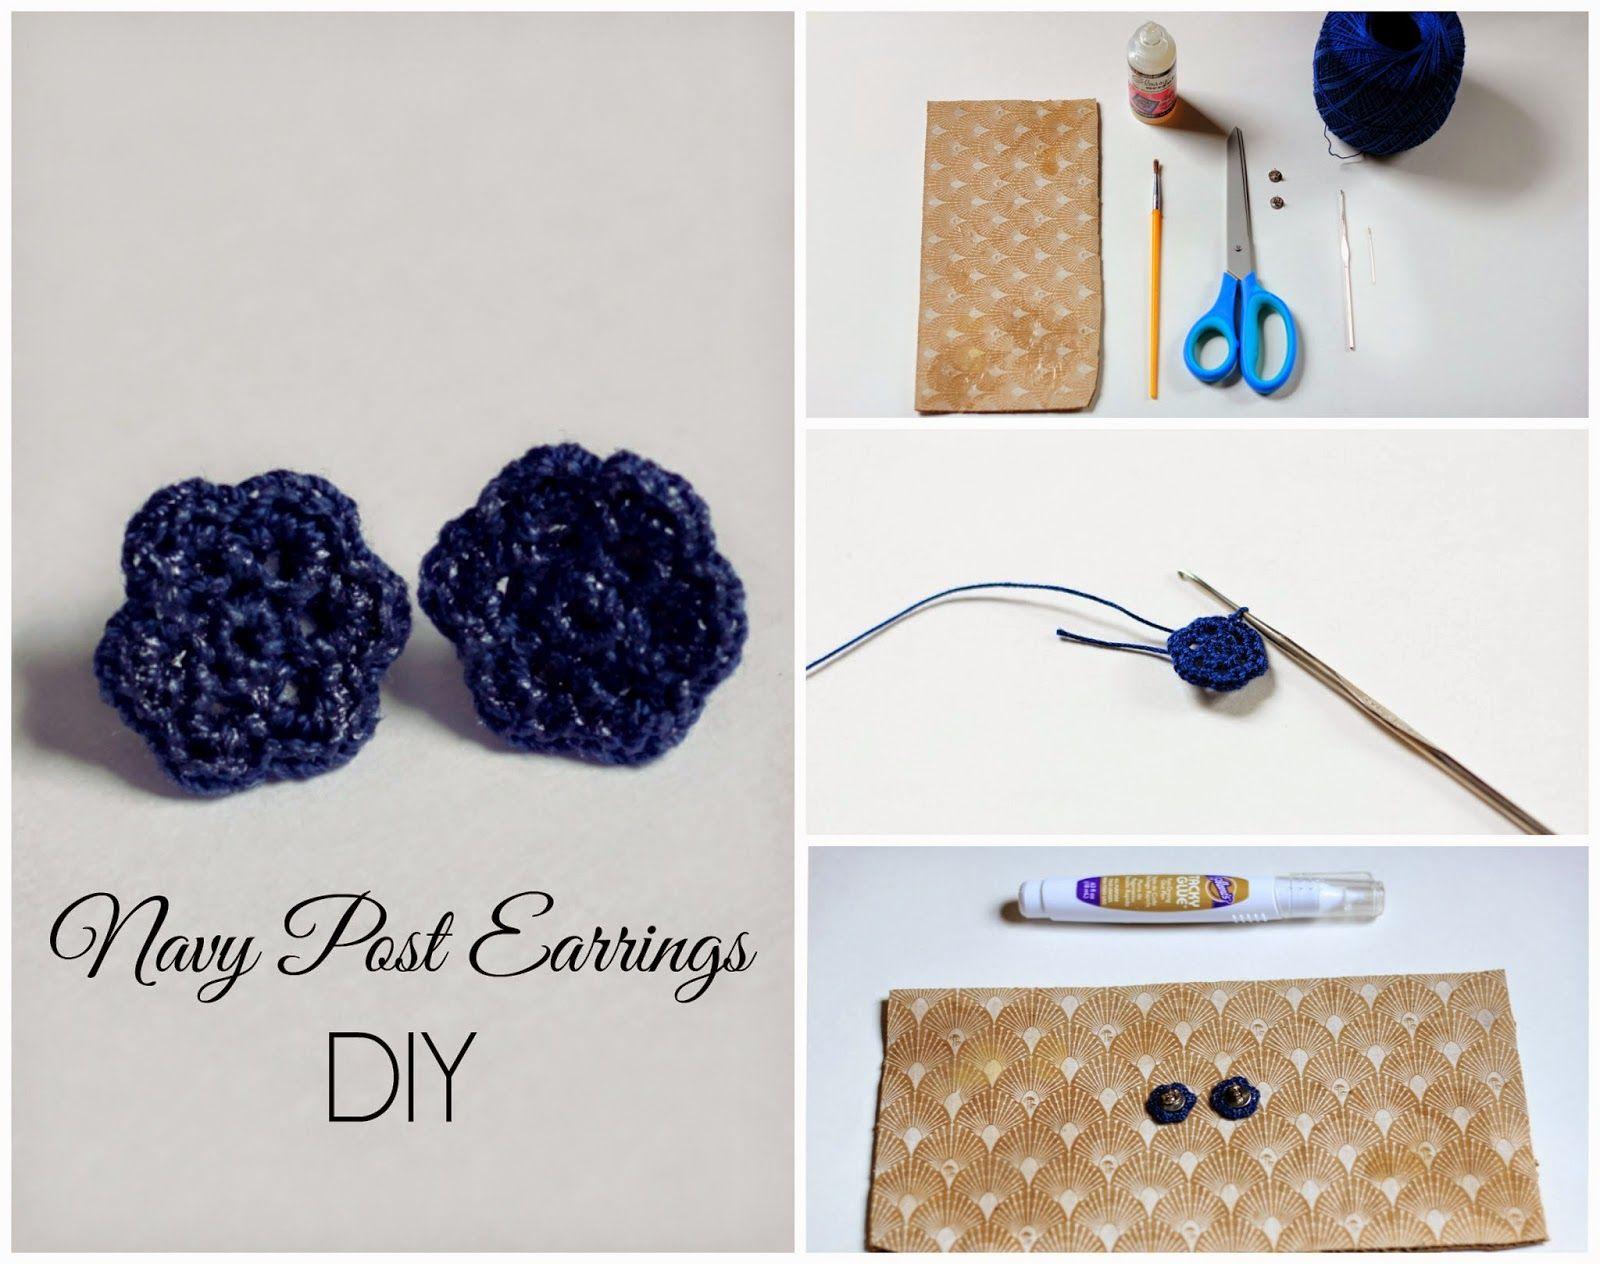 Melmaria: Navy Post Earrings DIY